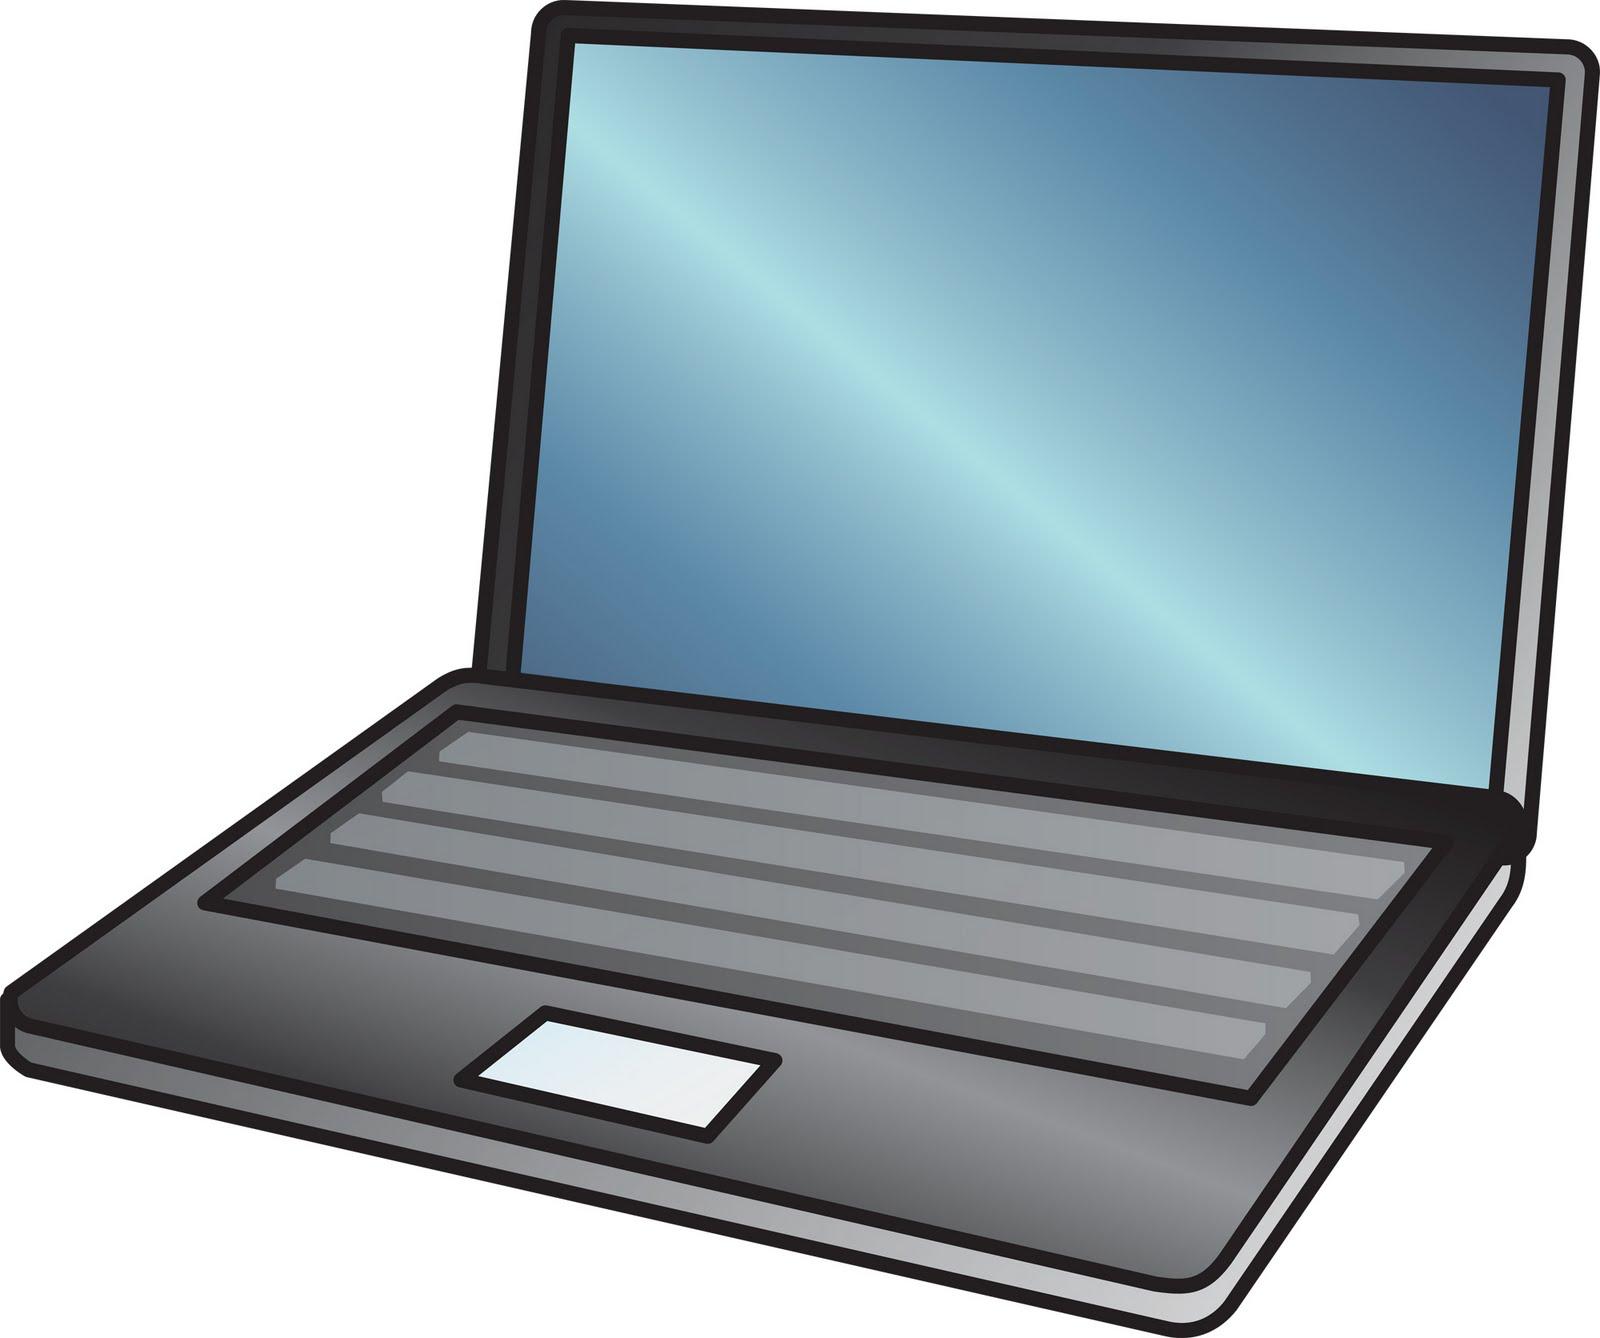 1600x1338 Laptop Computer Clipart